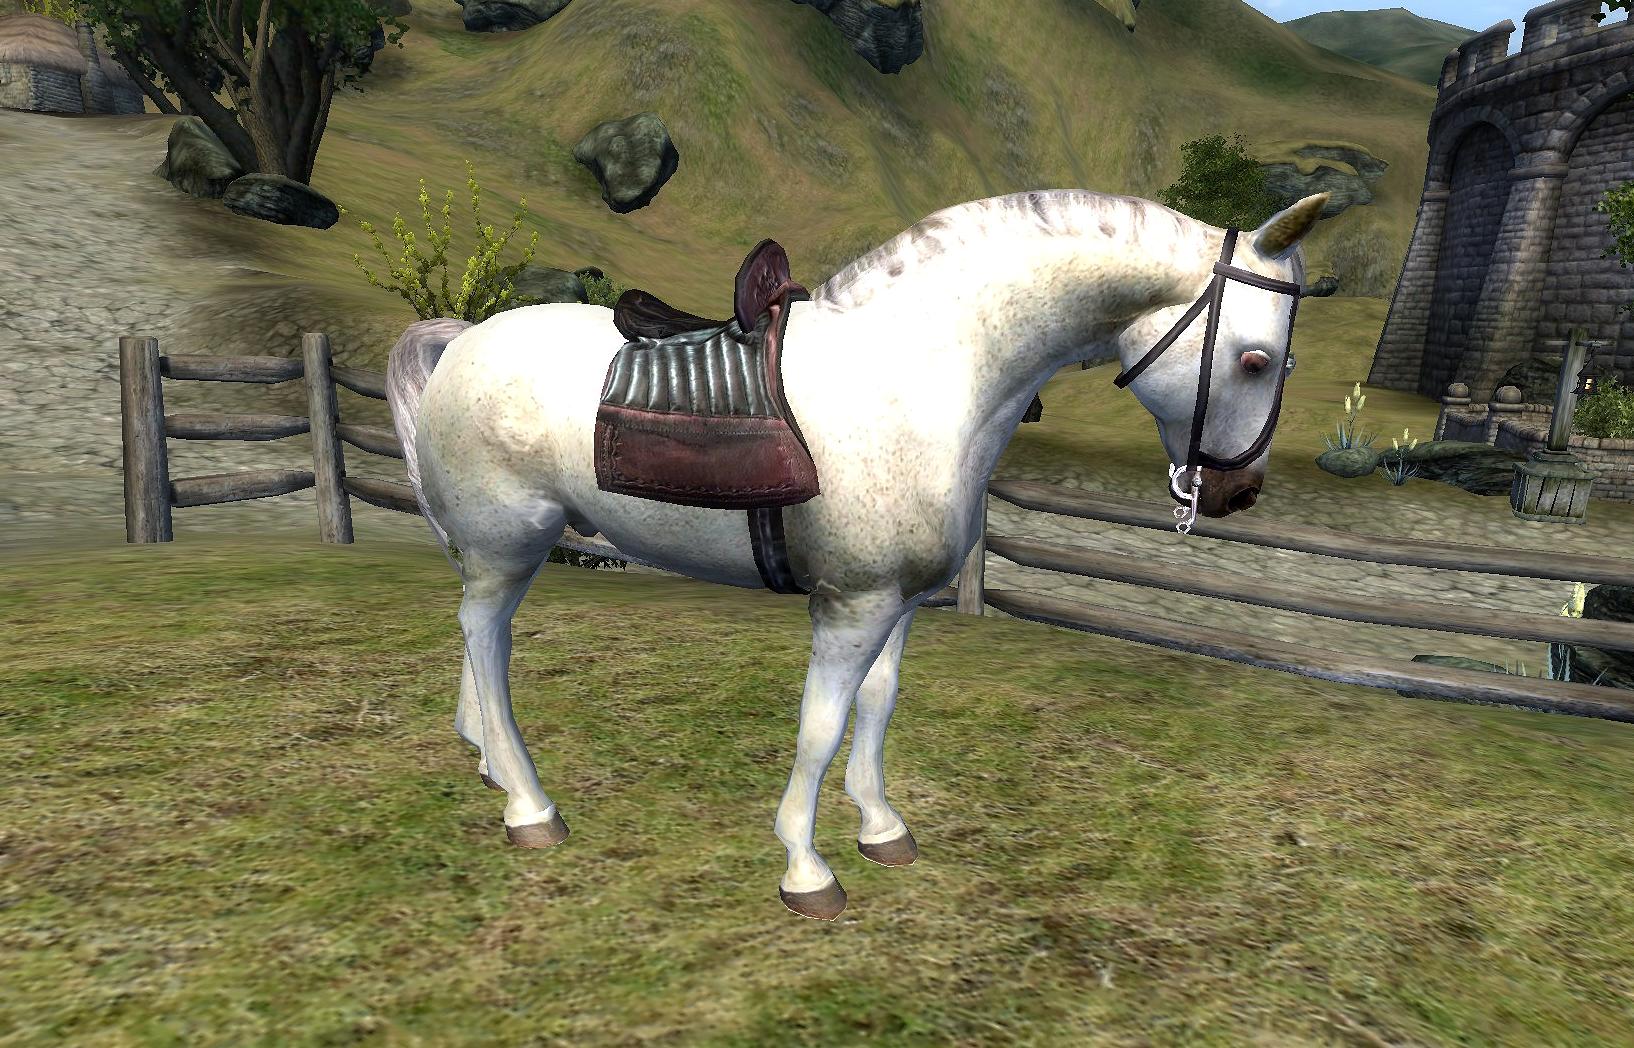 Horse (Oblivion) | Elder Scrolls | FANDOM powered by Wikia